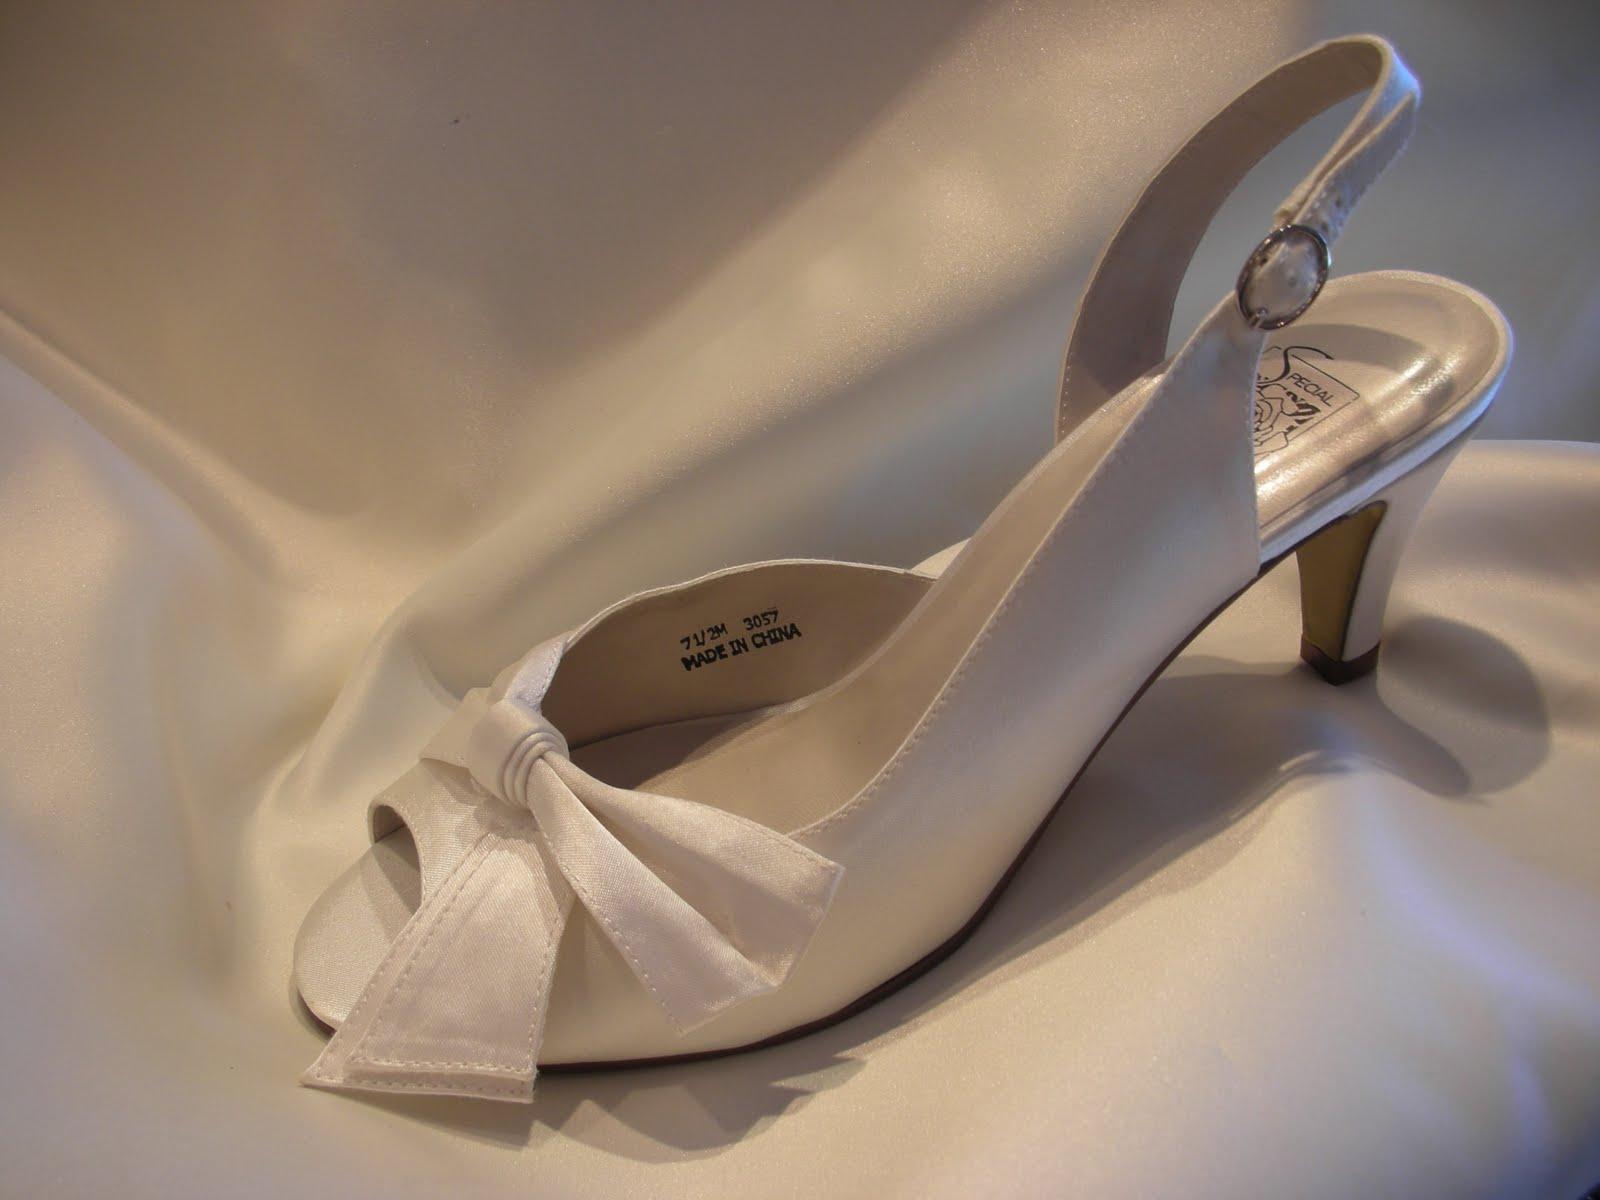 new wedding shoes low heels too low heel wedding shoes New Wedding Shoes Low Heels too